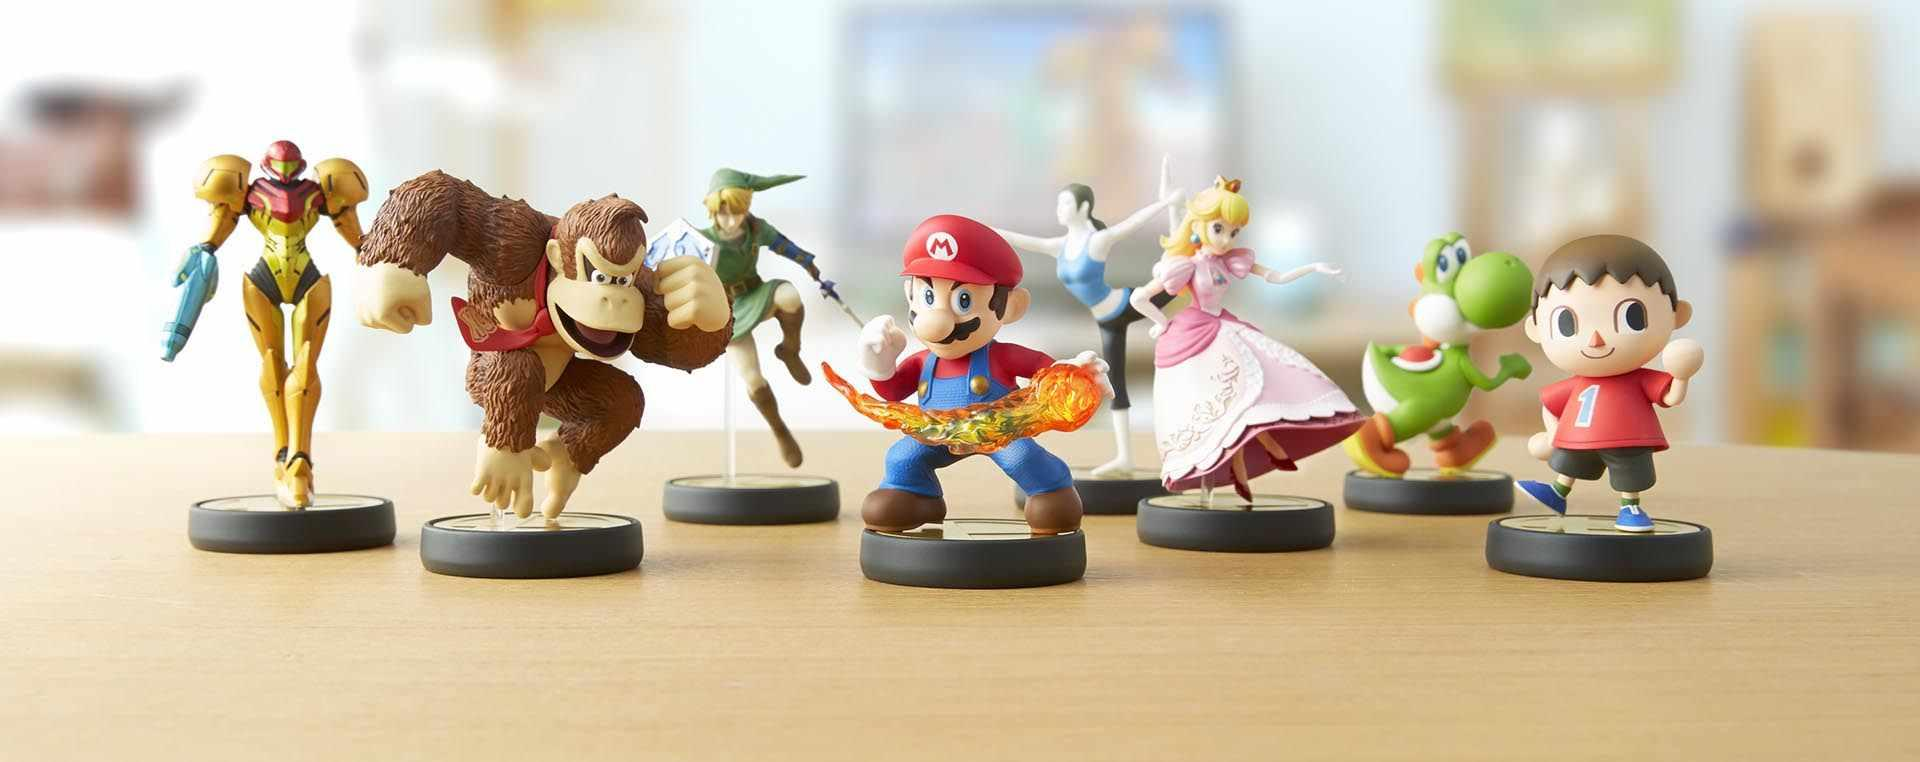 """E3-2014: Họp báo Nintendo - Thống trị """"sàn đấu""""?"""